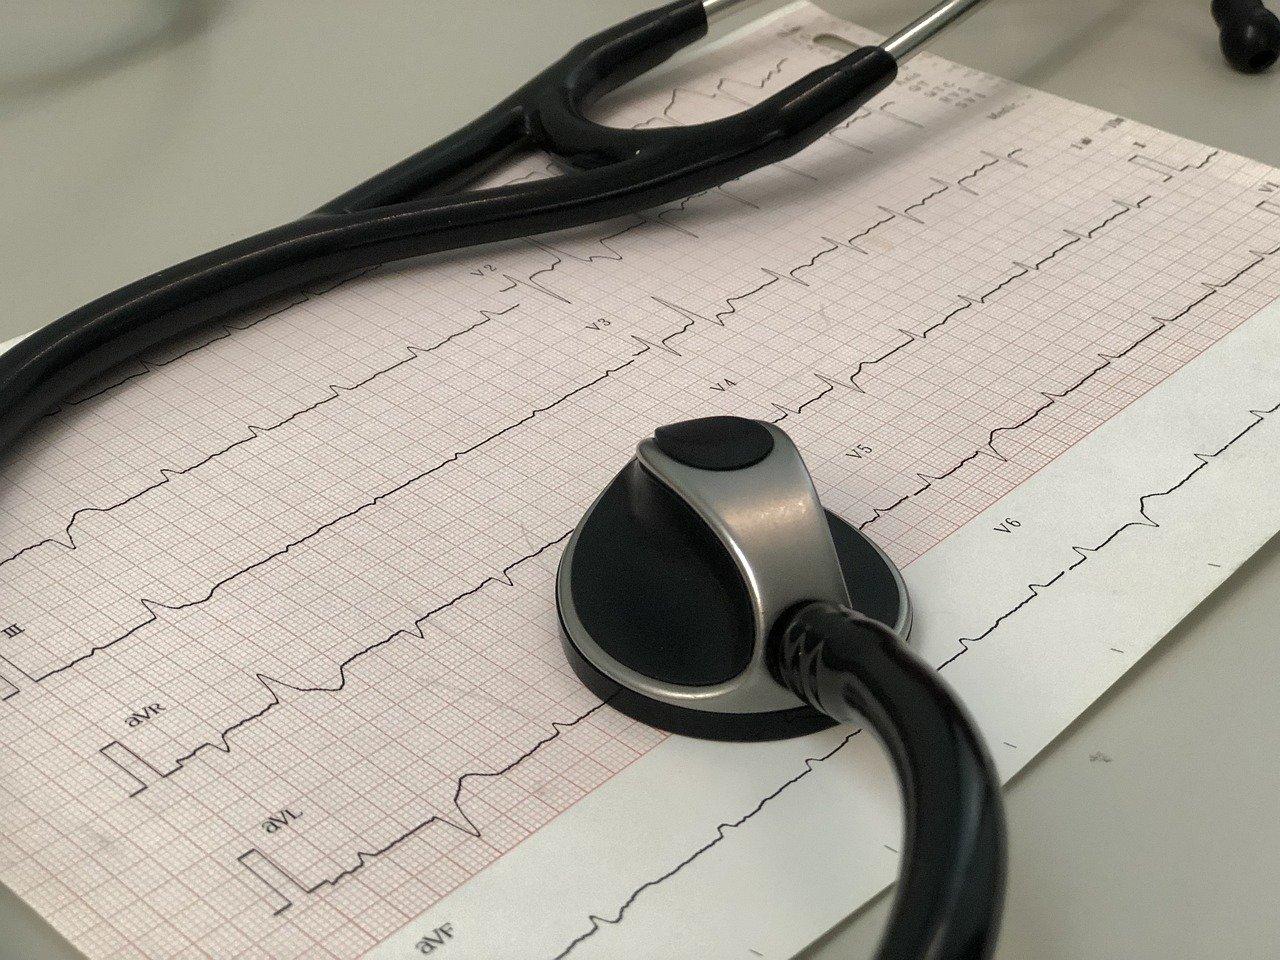 miocardite cardiologo Palermo d'arpa